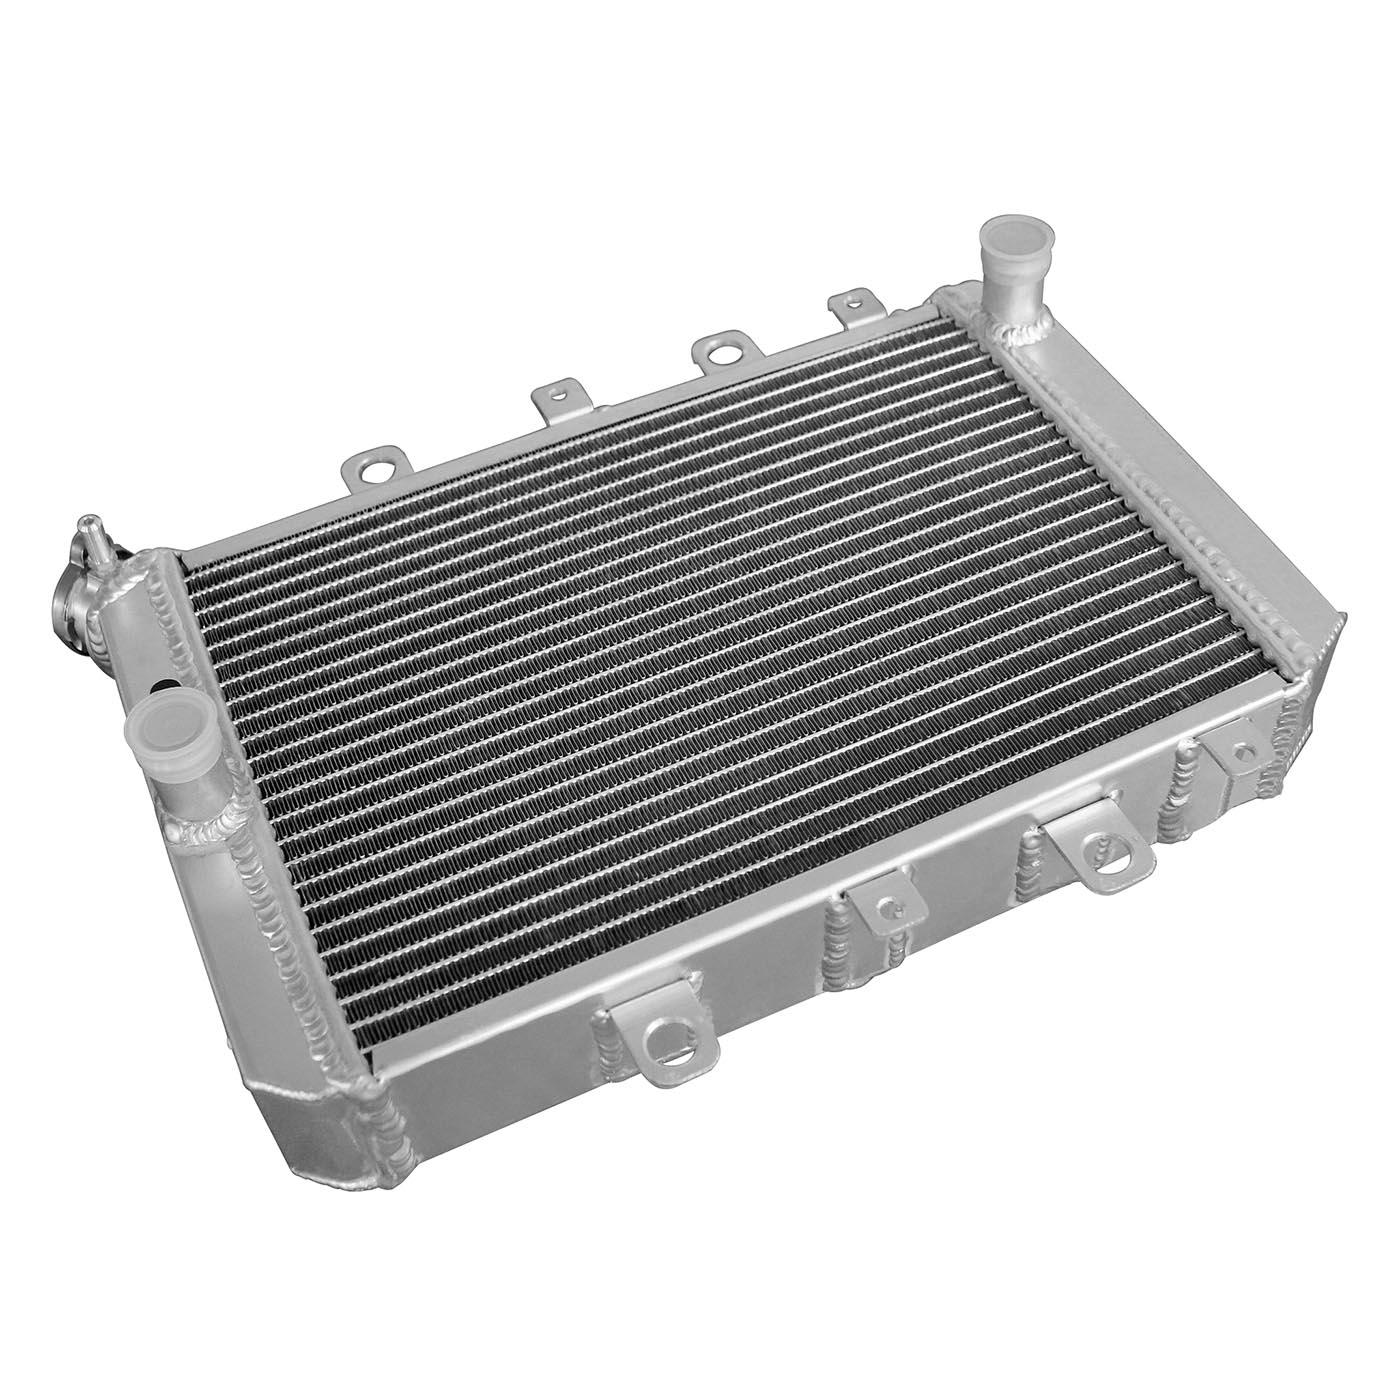 For YAMAHA ATV QUAD GRIZZLY YFM700//550 2007-2011 2008 09 2010 Aluminum Radiator